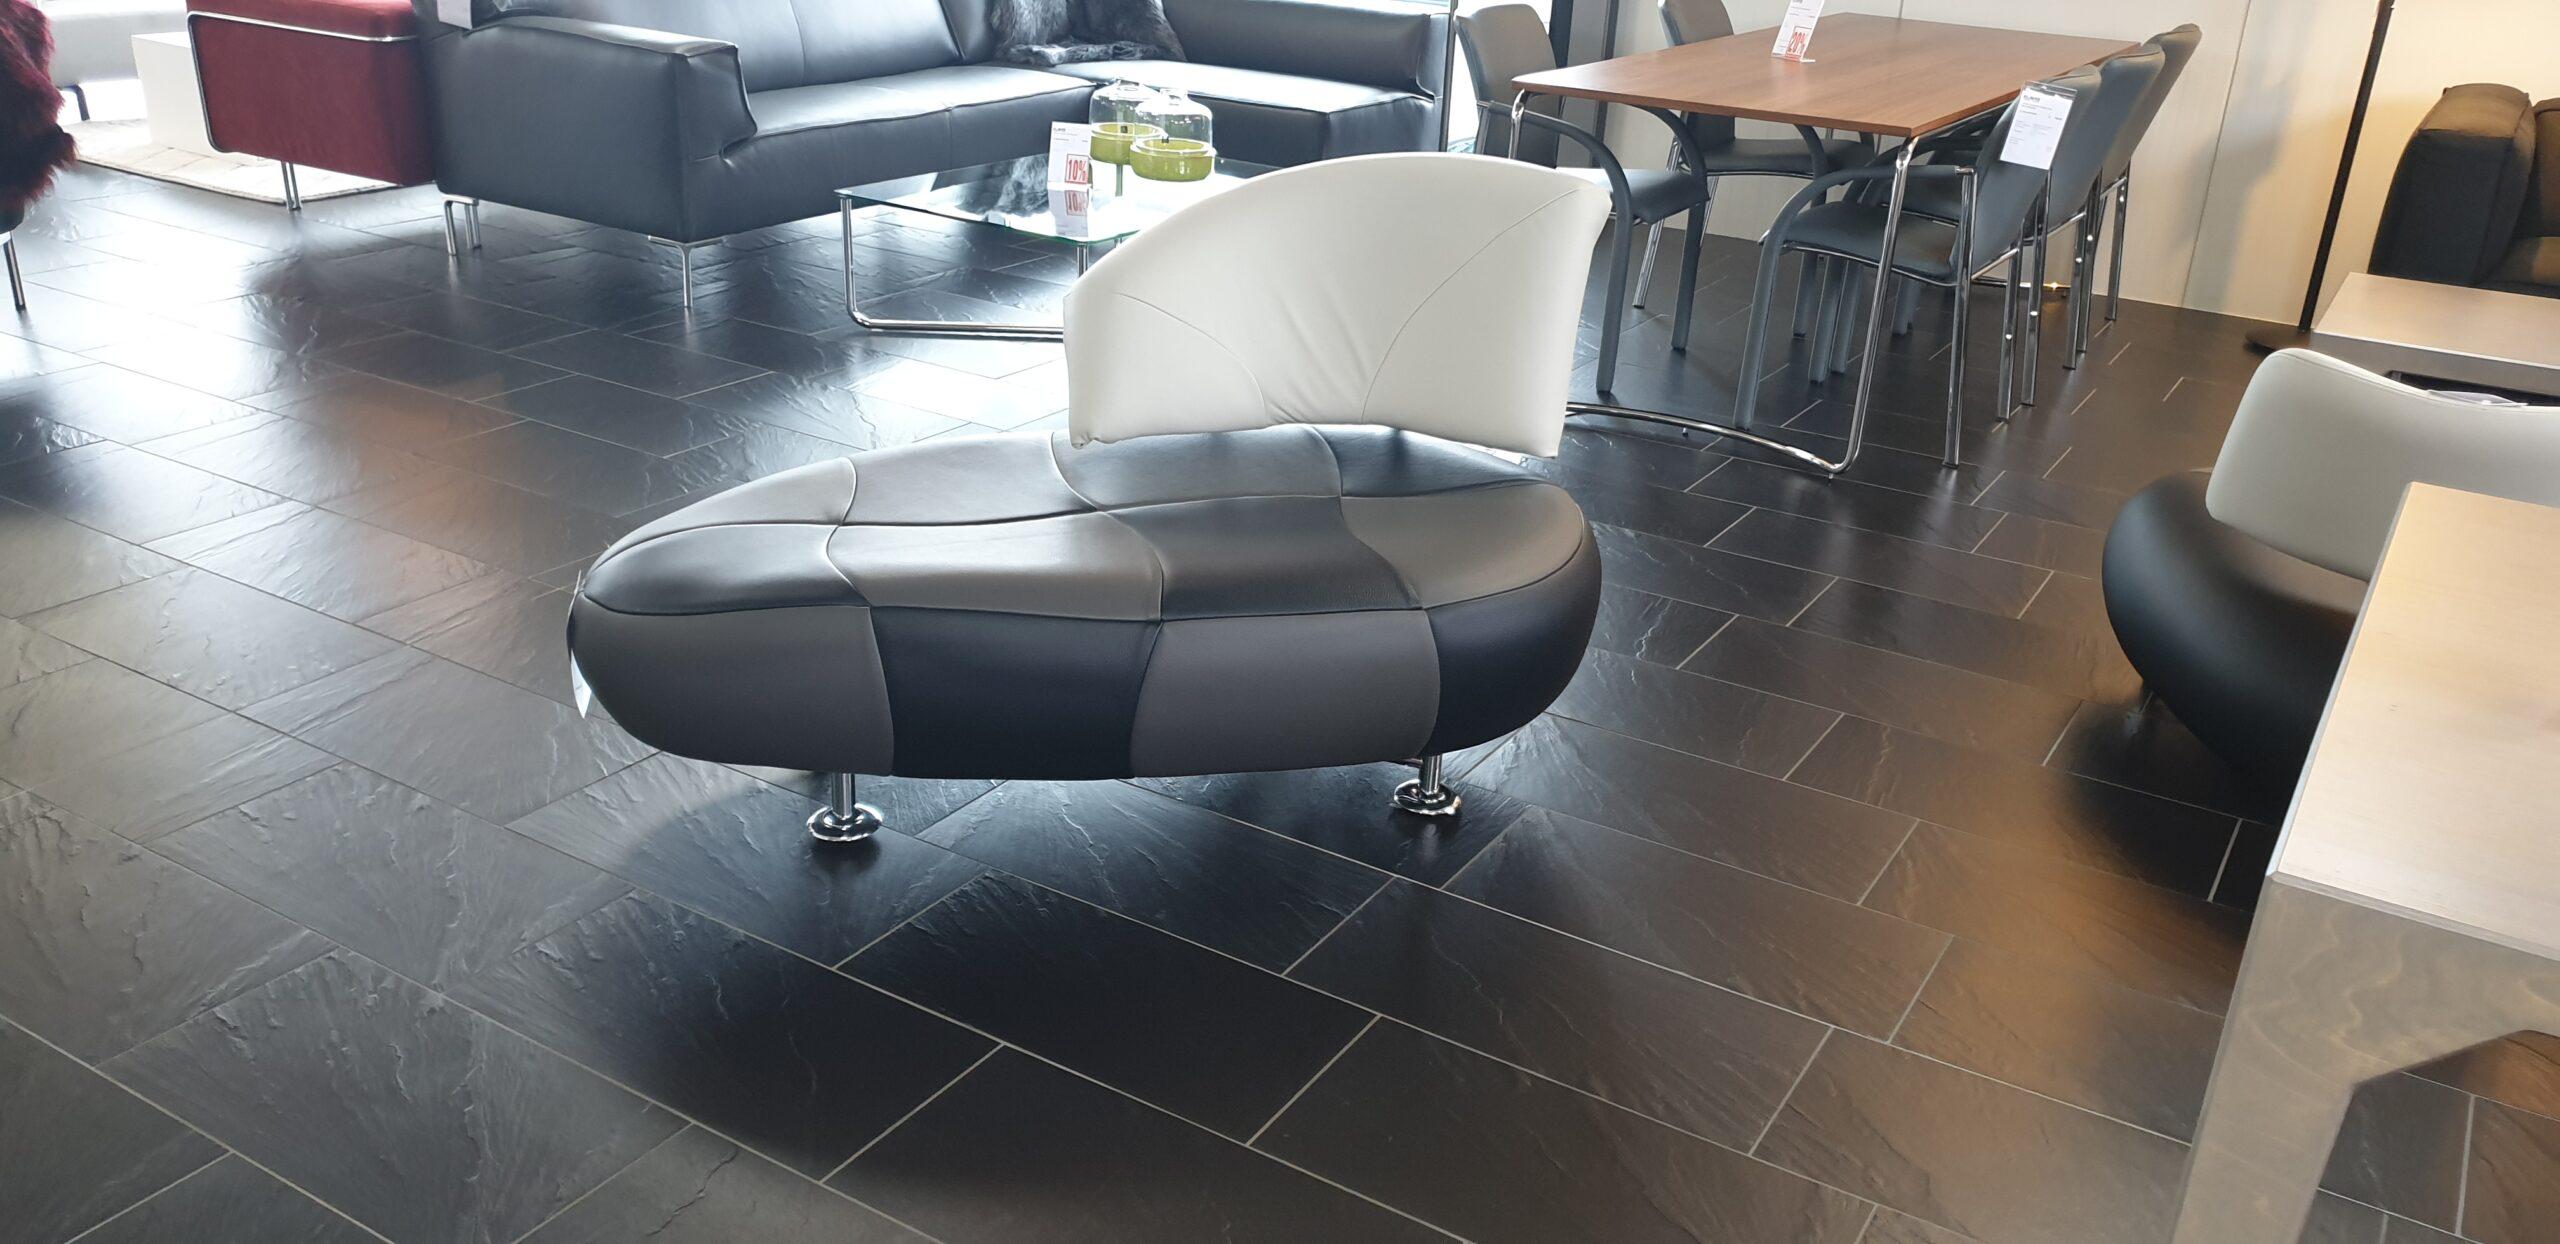 Leolux Kikko zwart grijs wit leer fauteuil  - Refurbished